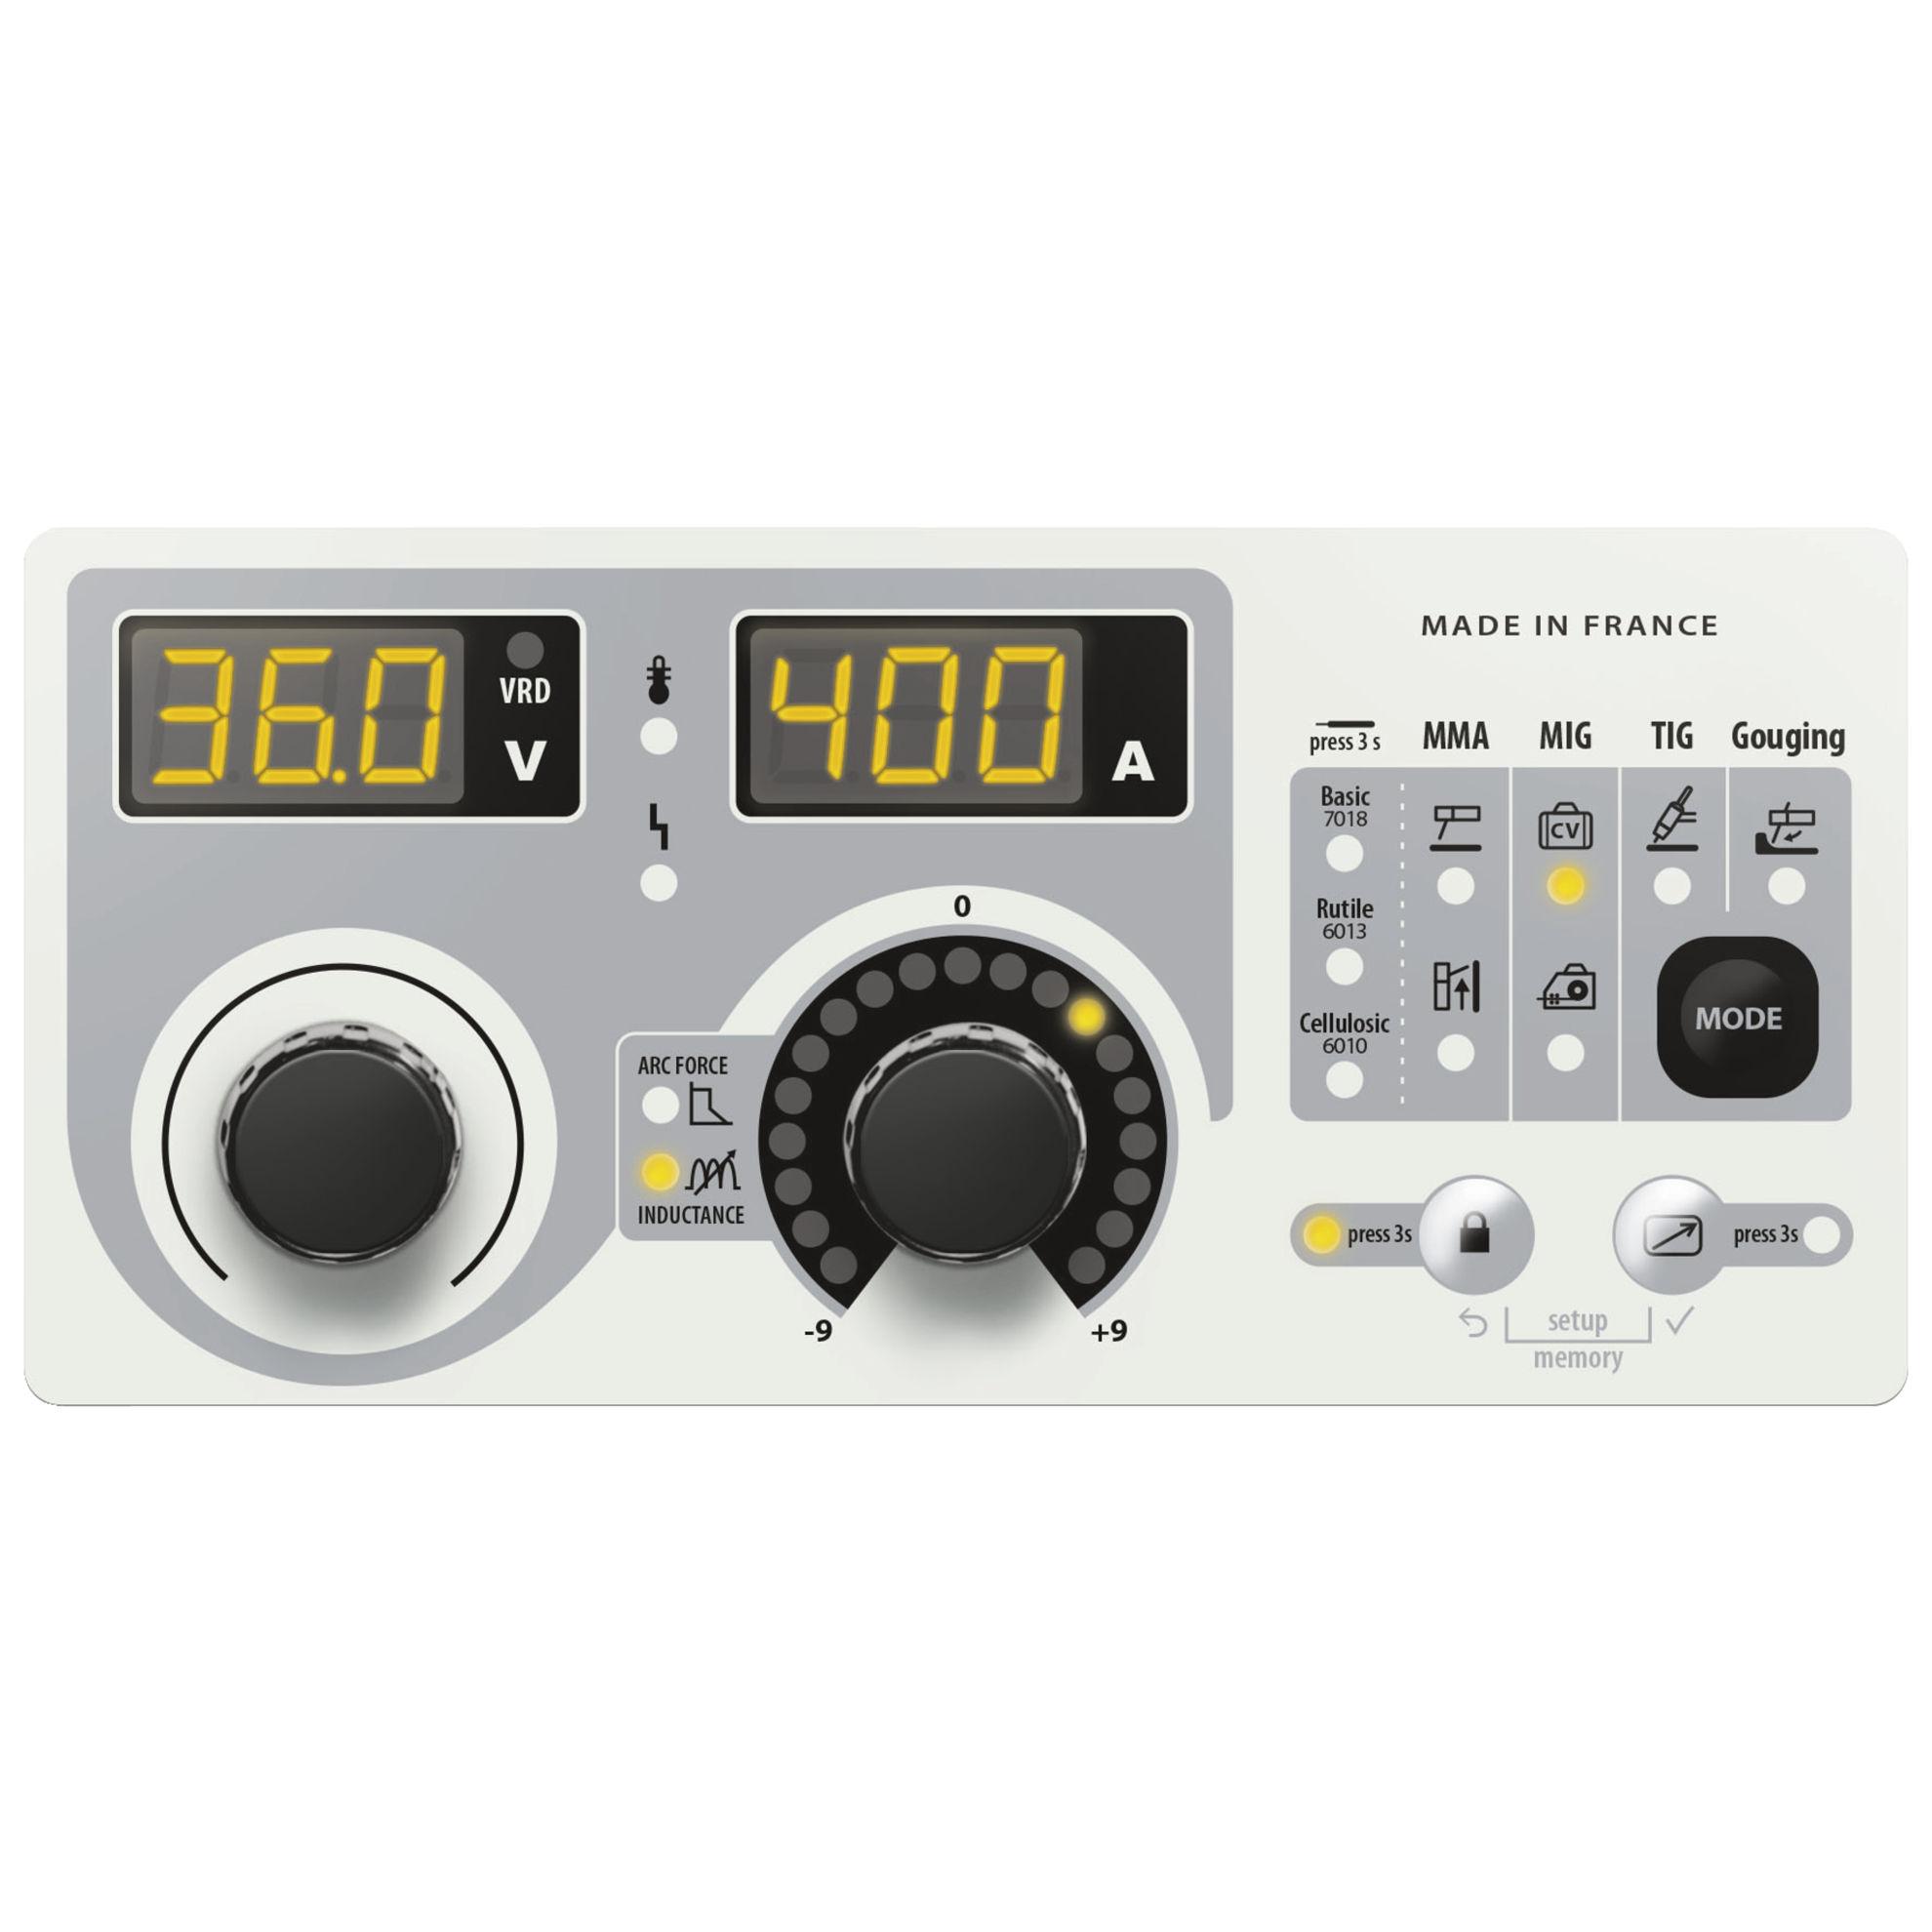 Slika Varilni aparat GYS, EXAGON 400 CC/CV